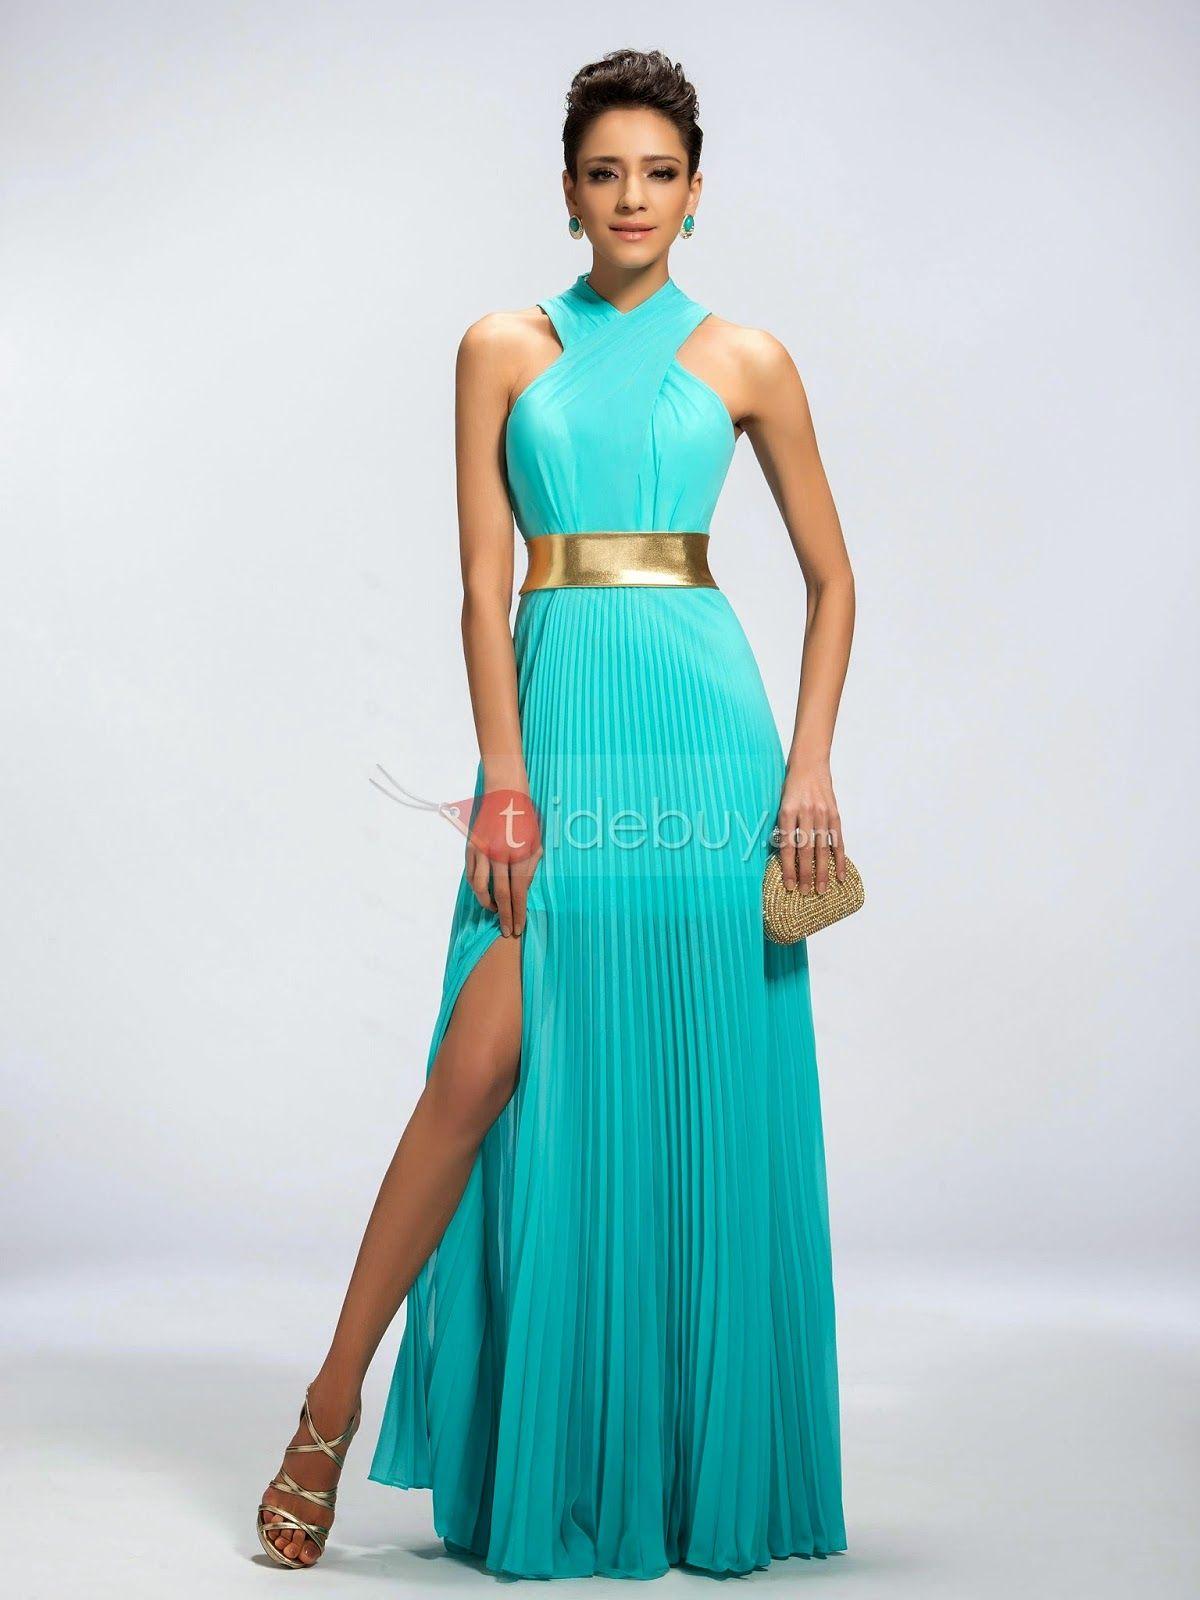 0157216ecb Exclusivos vestidos de noche formales para señoritas